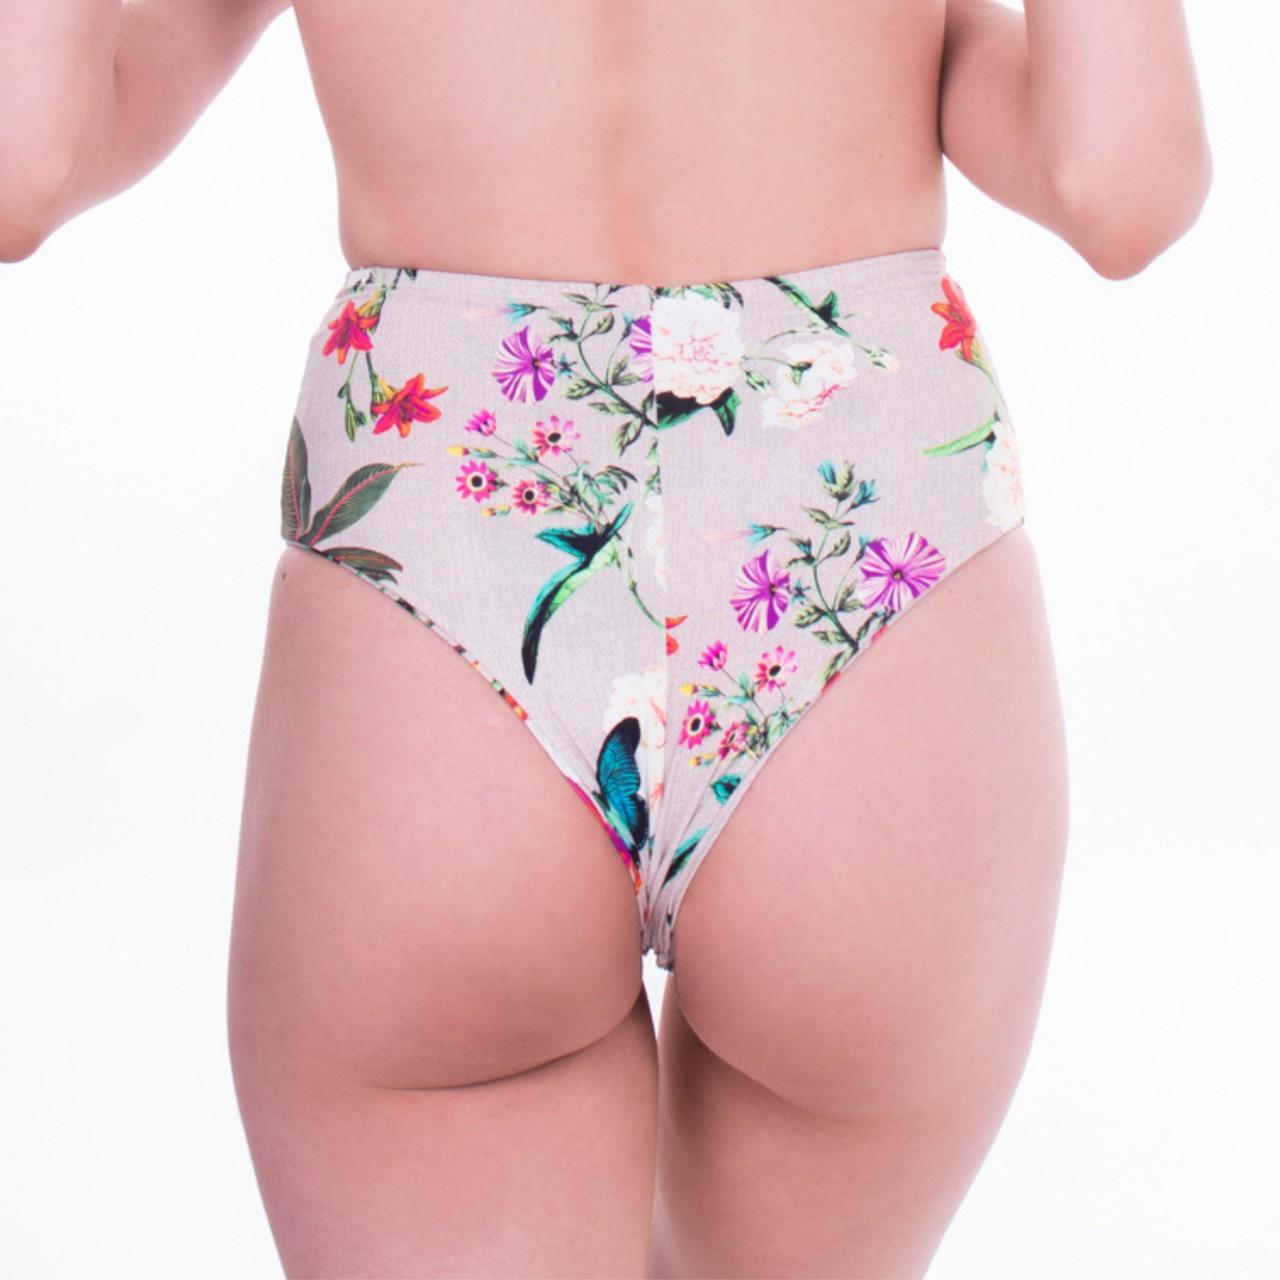 Biquíni Calcinha Hot Pants Retrô Milagres